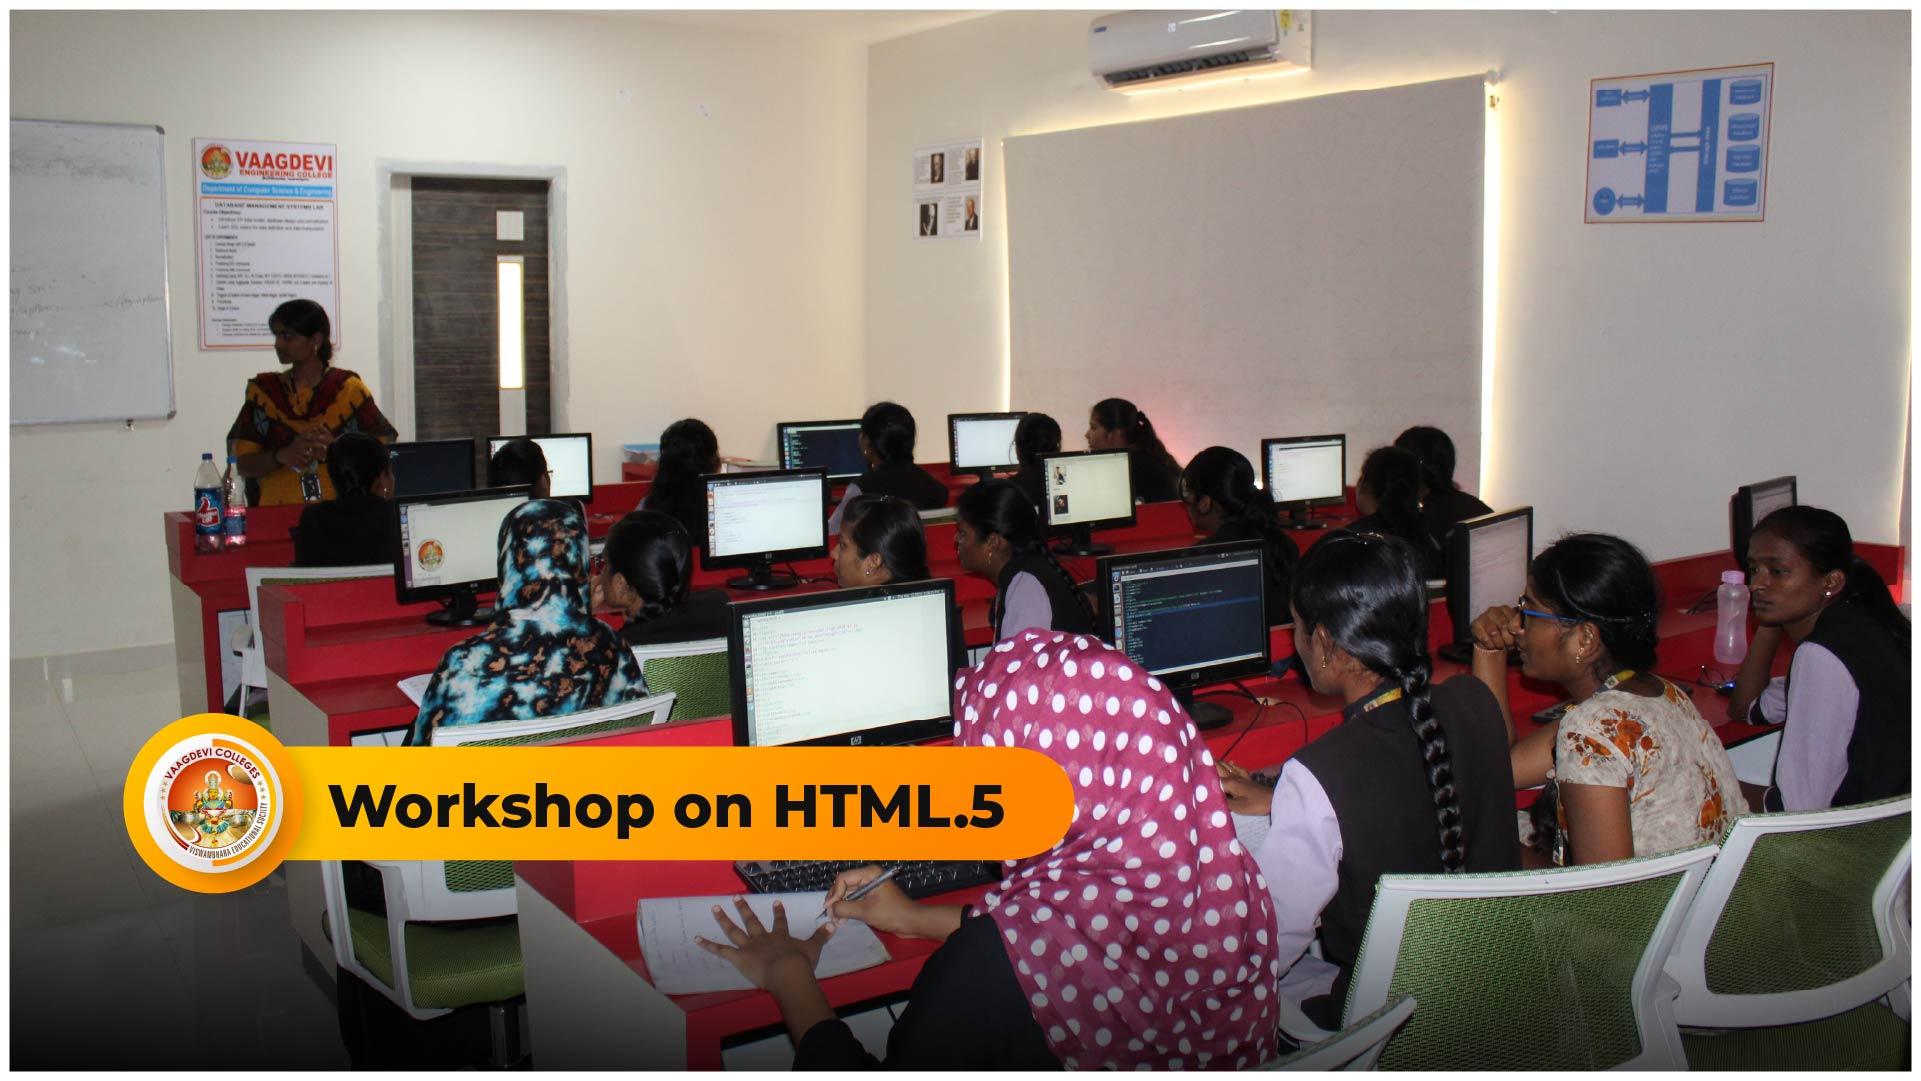 WORKSHOP ON HTML5